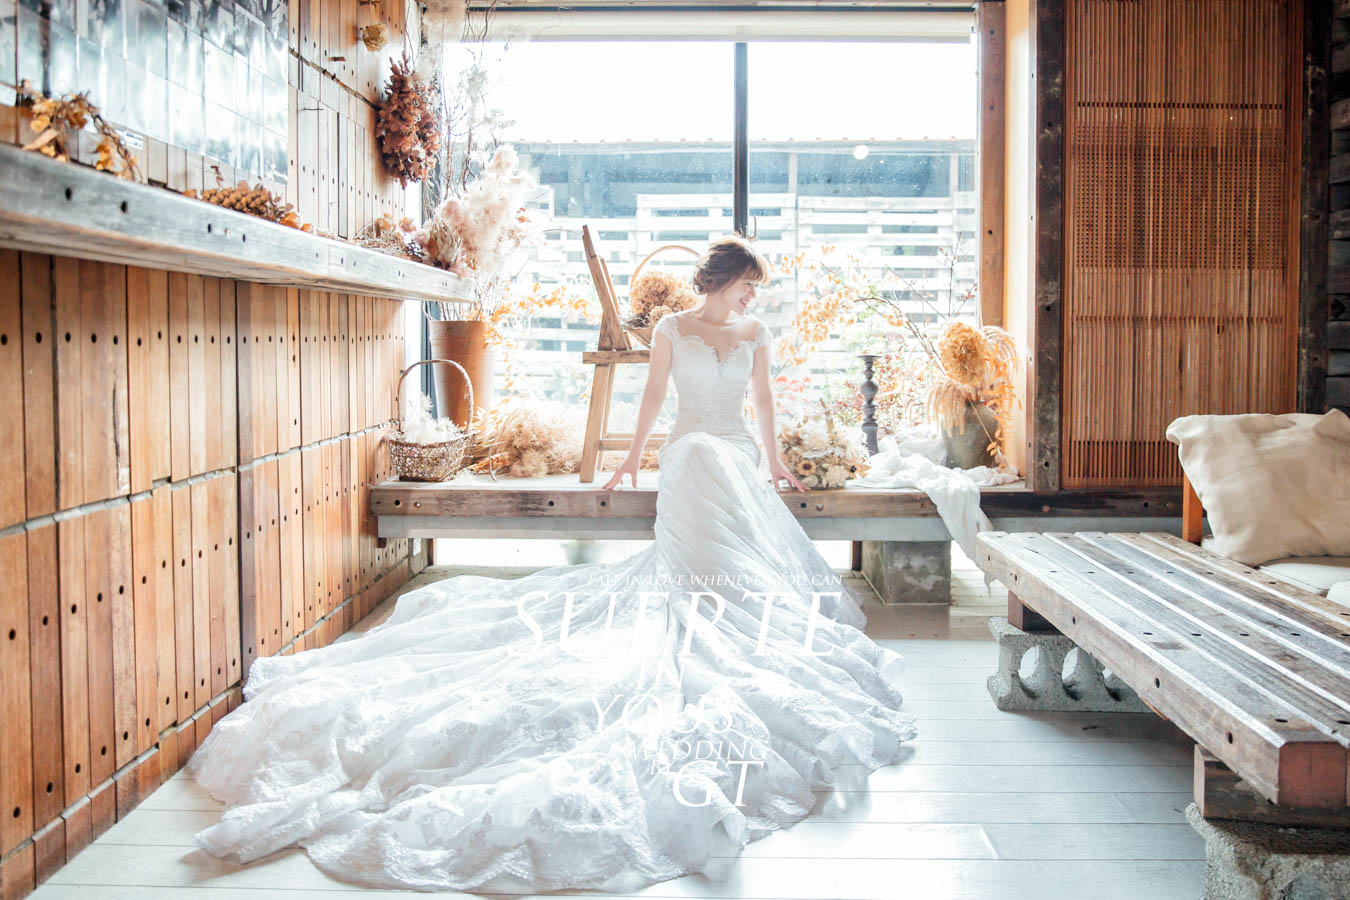 自助婚紗   書桓+秀惠  PREWEDDING GT拍攝  國內婚紗 台中婚紗